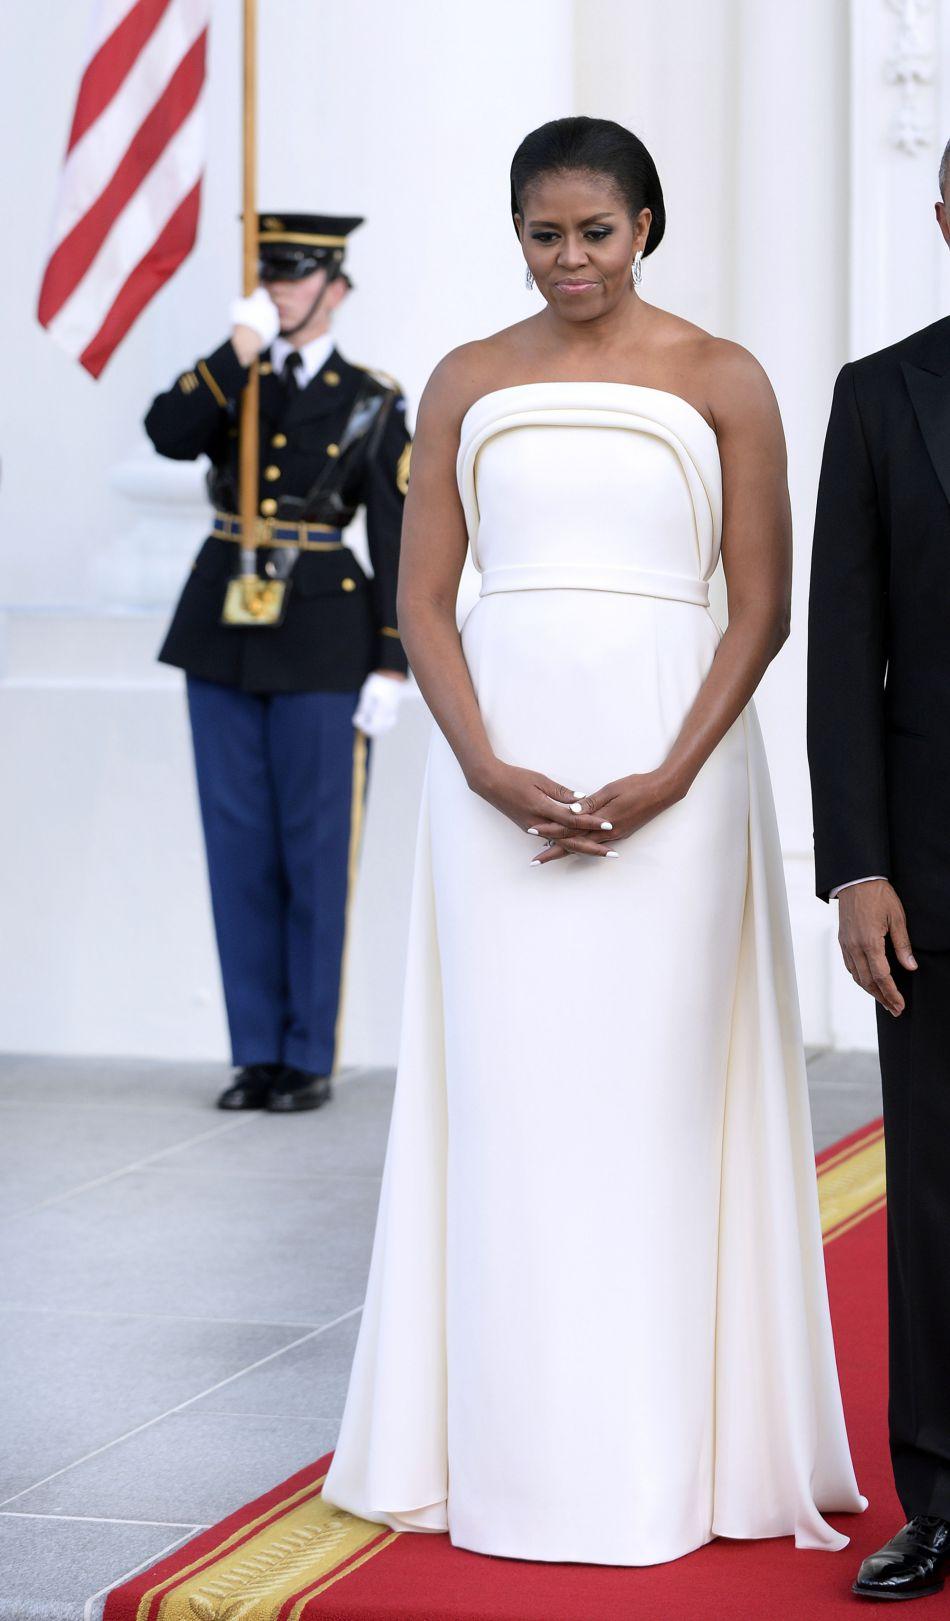 La coiffeuse de Michelle Obama ouvre son salon.